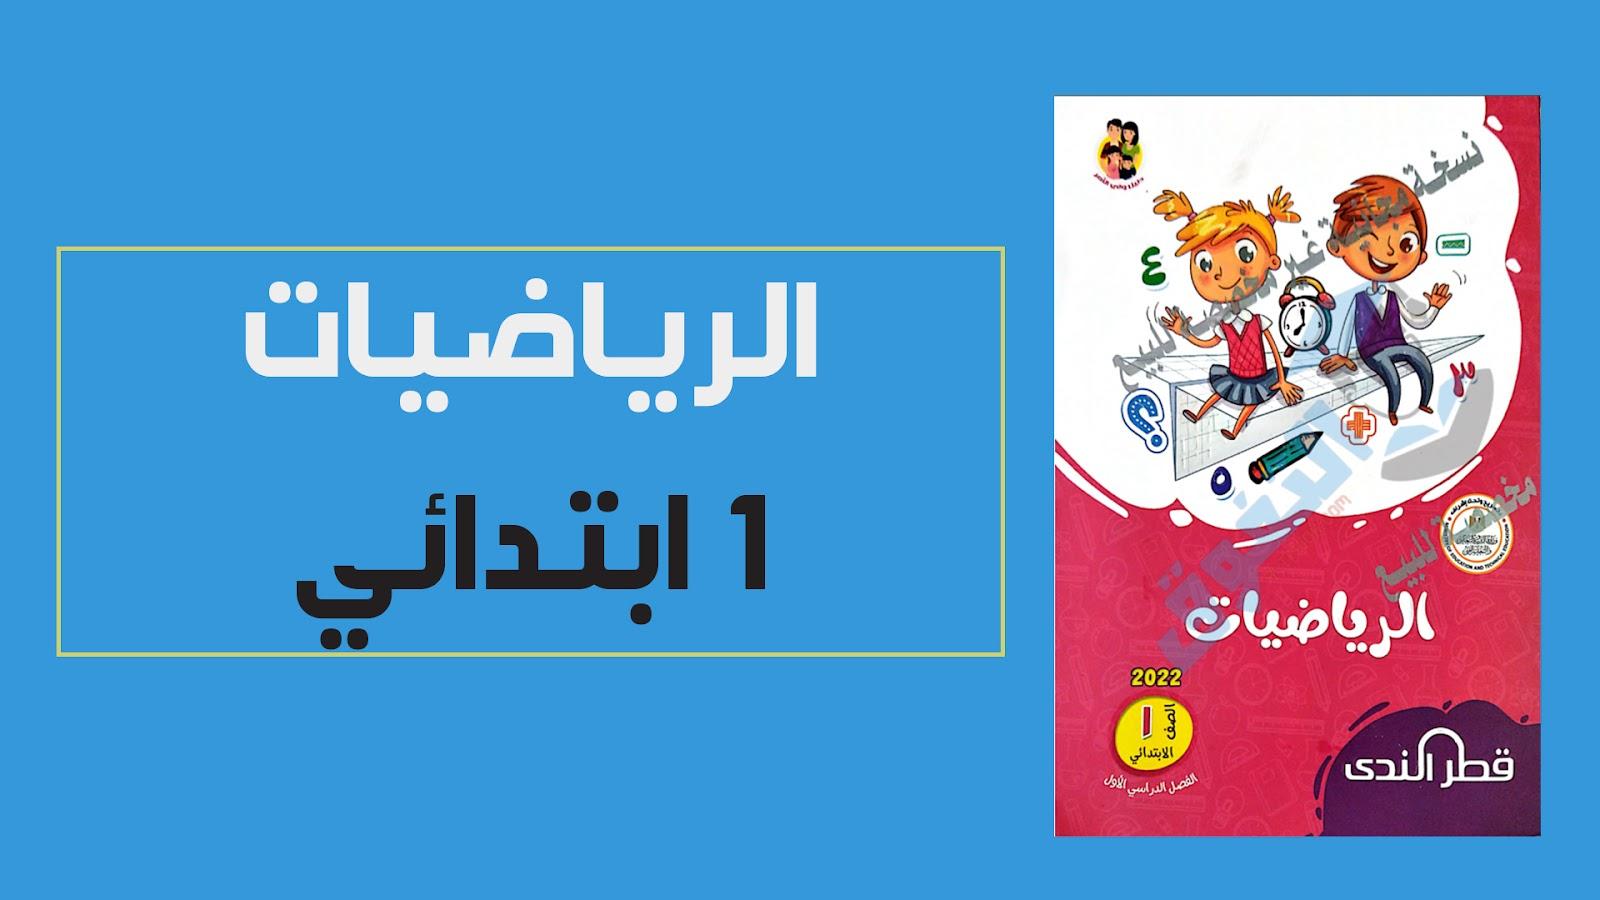 تحميل كتاب قطر الندى فى الرياضيات للصف الاول الابتدائي الترم الاول 2022 (النسخة الجديدة)